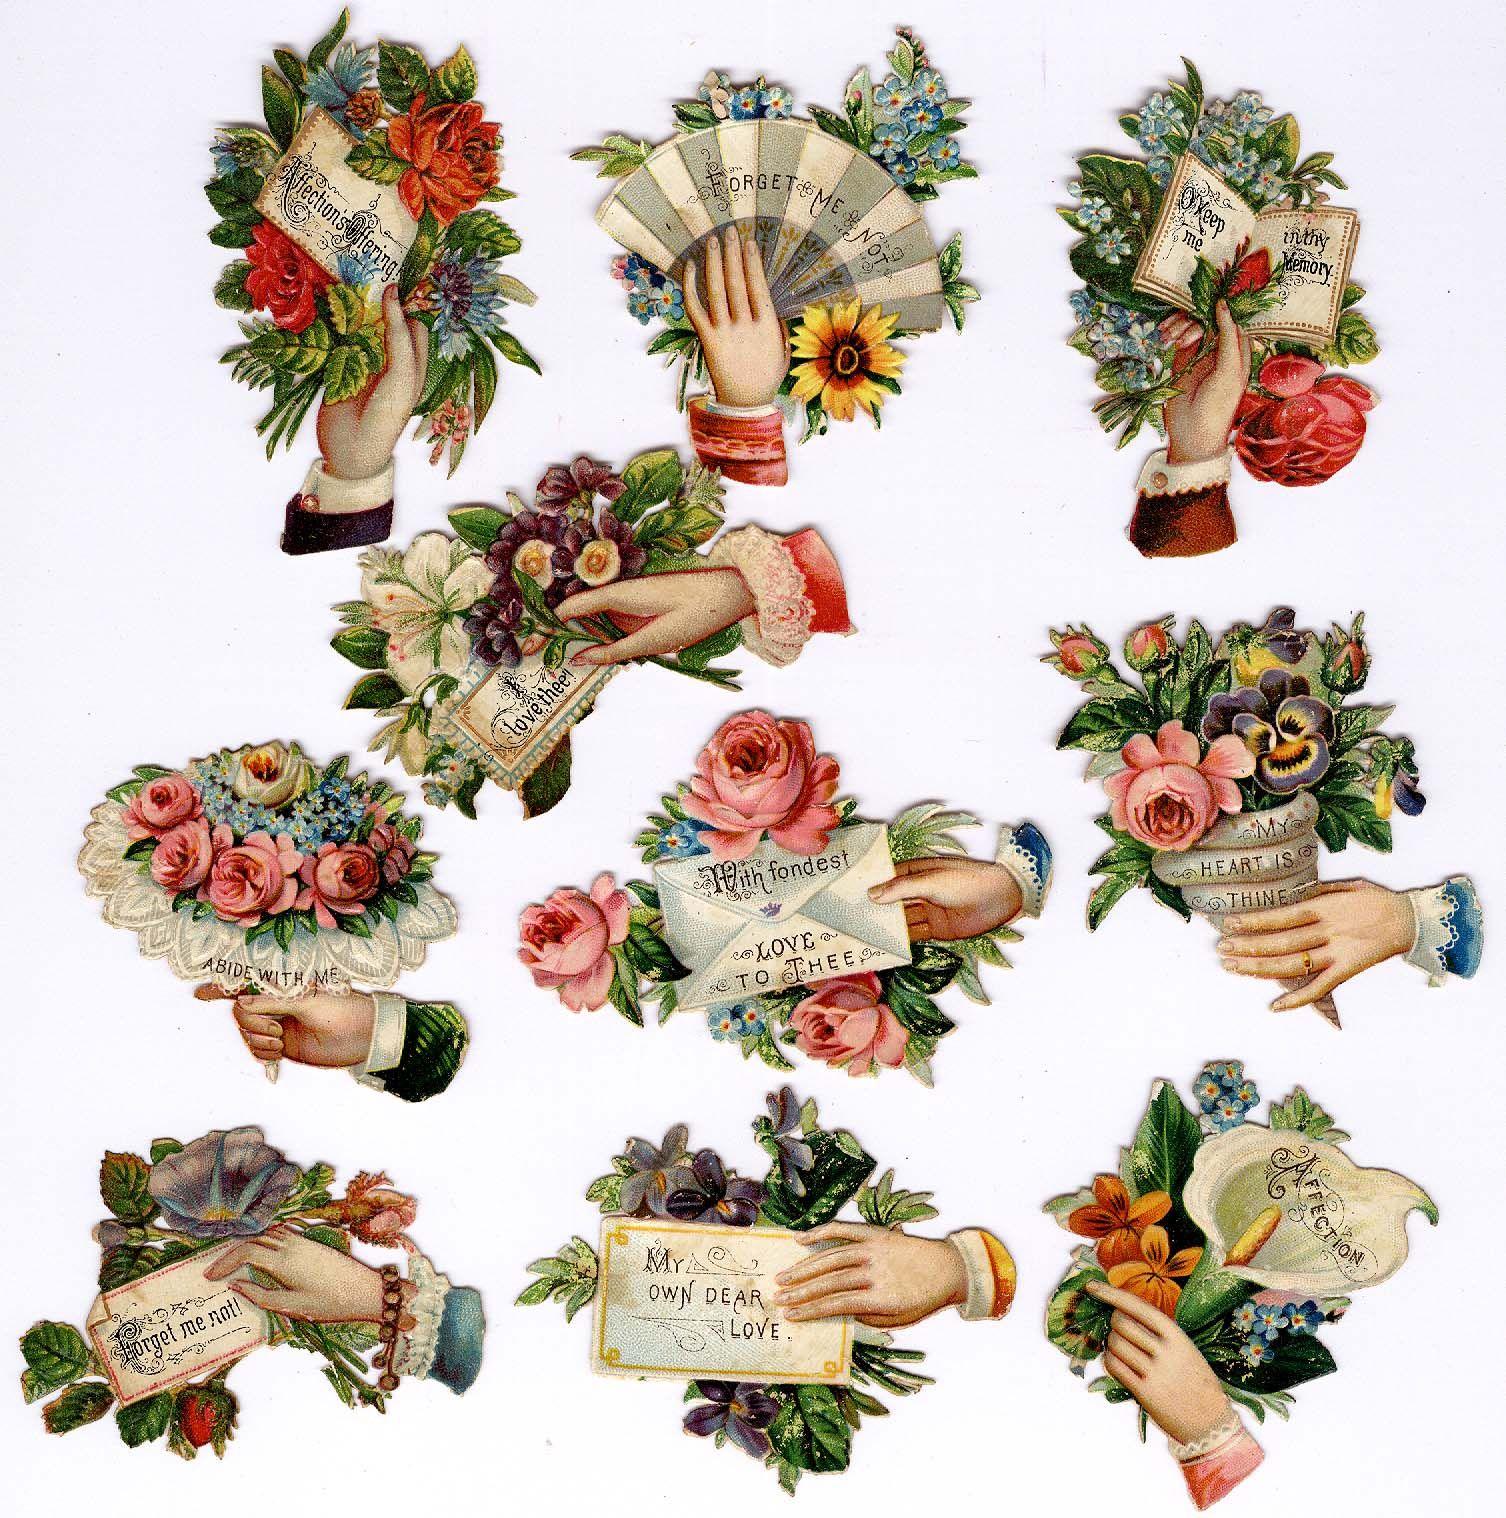 #victorian #scraps #floral #sentiments #love #chromograph #lithograph